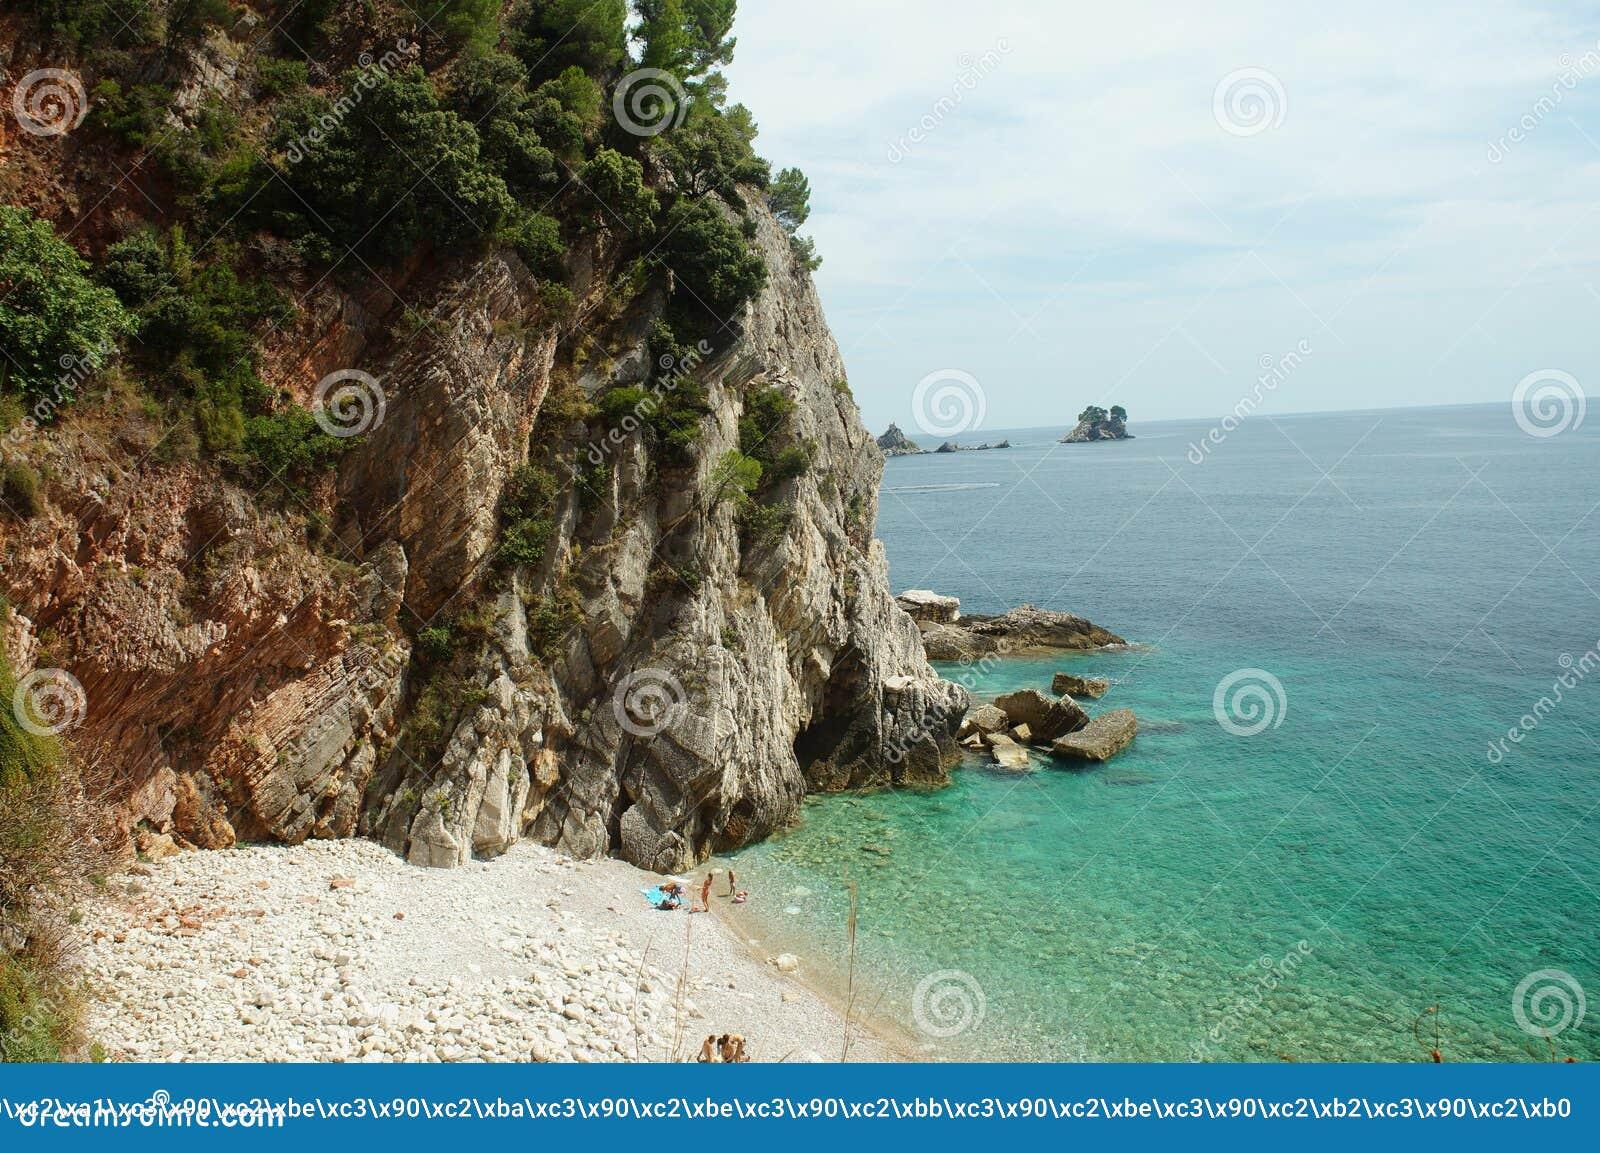 Petite lagune entourée par des montagnes, vue colorée de la plage